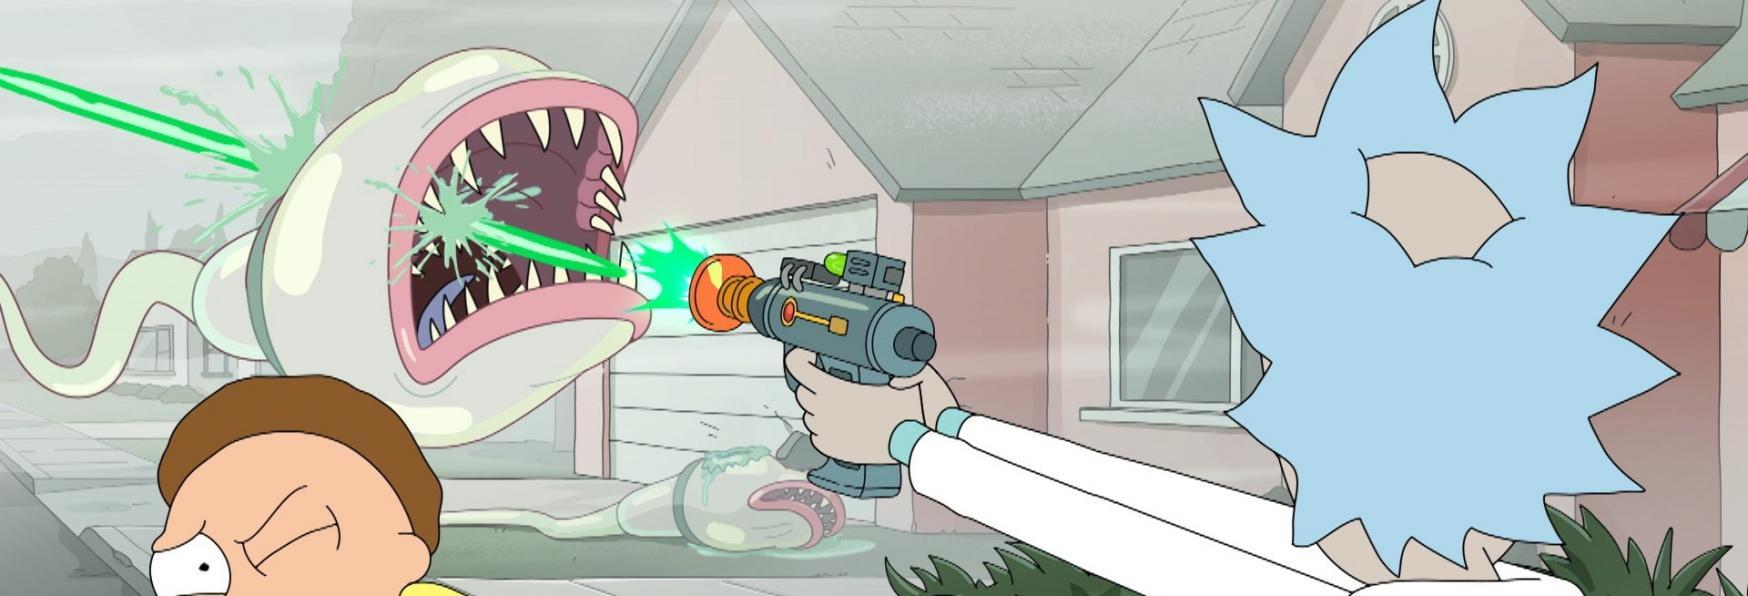 """Rick and Morty 5x04: Fan Increduli per gli """"Antagonisti"""" mostrati nello scorso Episodio"""